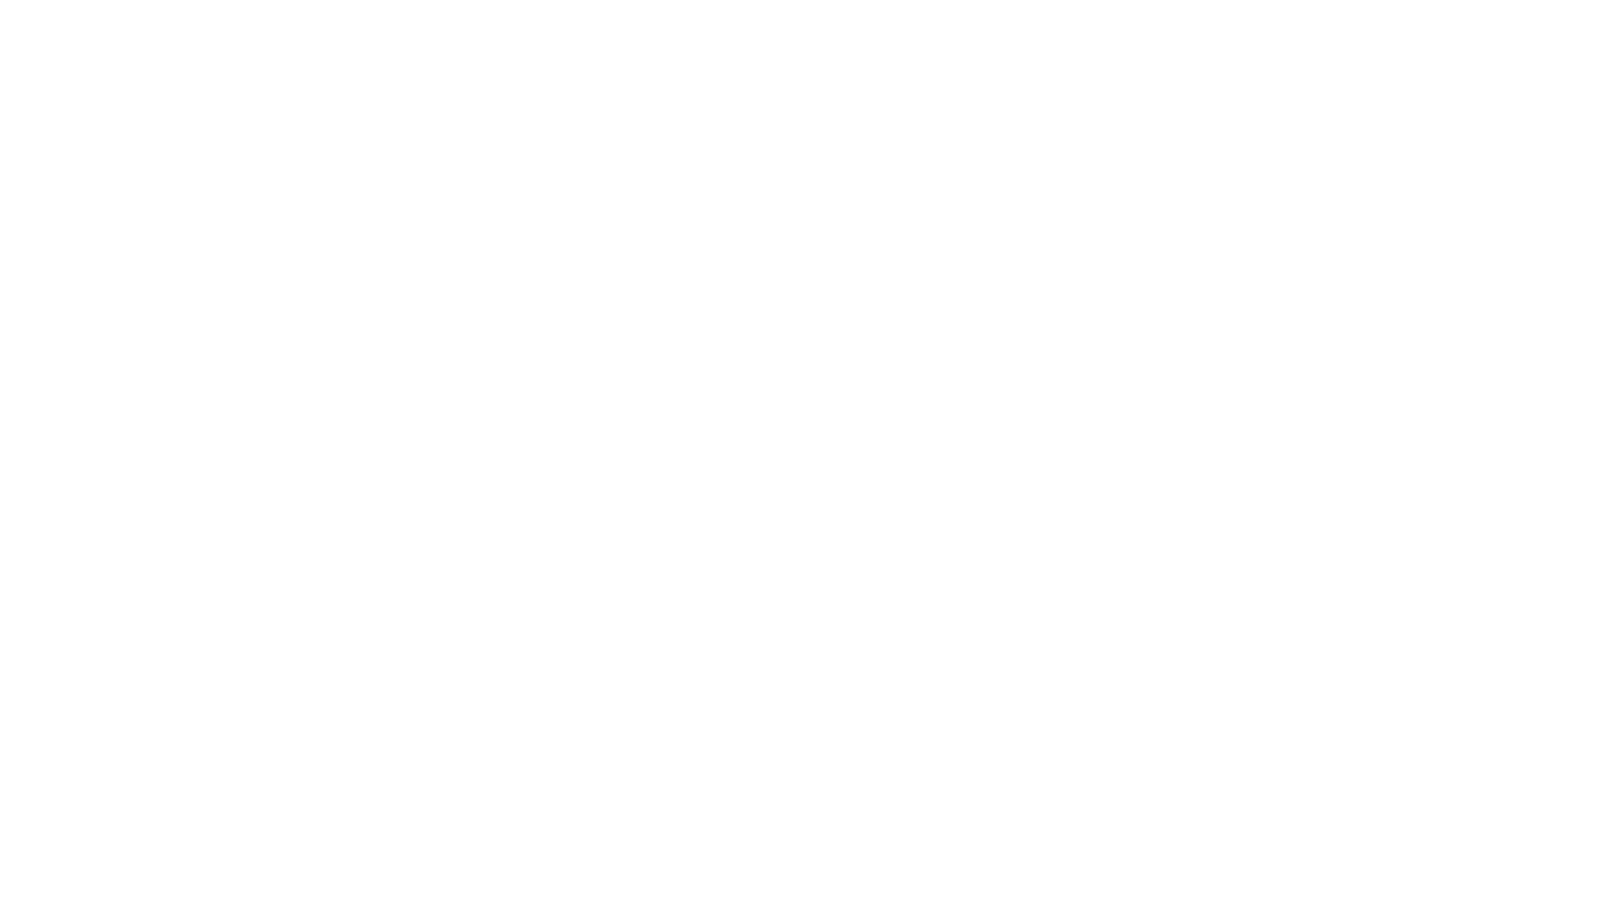 Mega umbxing de suplemetnación depòrtiva, explicación de porqué de cada suplemento y mucho más, Sigueme en mi instagram si quieres aprender más sobre nutrición deportiva y como conseguir tus objetivos!!   INSTAGRAM: https://bit.ly/3oUgIQN YOUTUBE: https://www.youtube.com/channel/UC697... TIENDA TOP4RUNNING :https://top4running.es?a_box=mb866x3p (Código: NUTRI) .......................................................................................   Suplementos:   CÚRCUMA: https://amzn.to/3tKftHI VITAMINA D: https://amzn.to/3mITg9U  MAGNESIO: https://amzn.to/3dcMIwM  ZINC+VIT C: https://amzn.to/3dUmJtf   Tecnologia:  POLAR GRIT X: https://amzn.to/39TQud4 PULSOMETRO: https://amzn.to/3pYi0f3 MI GO PRO 9: https://amzn.to/3pX3YKD MI DISCO DURO EXTREMO: https://amzn.to/3q9YUm0 IPAD AIR: https://amzn.to/3s98c28   #nike #compras #suplementos